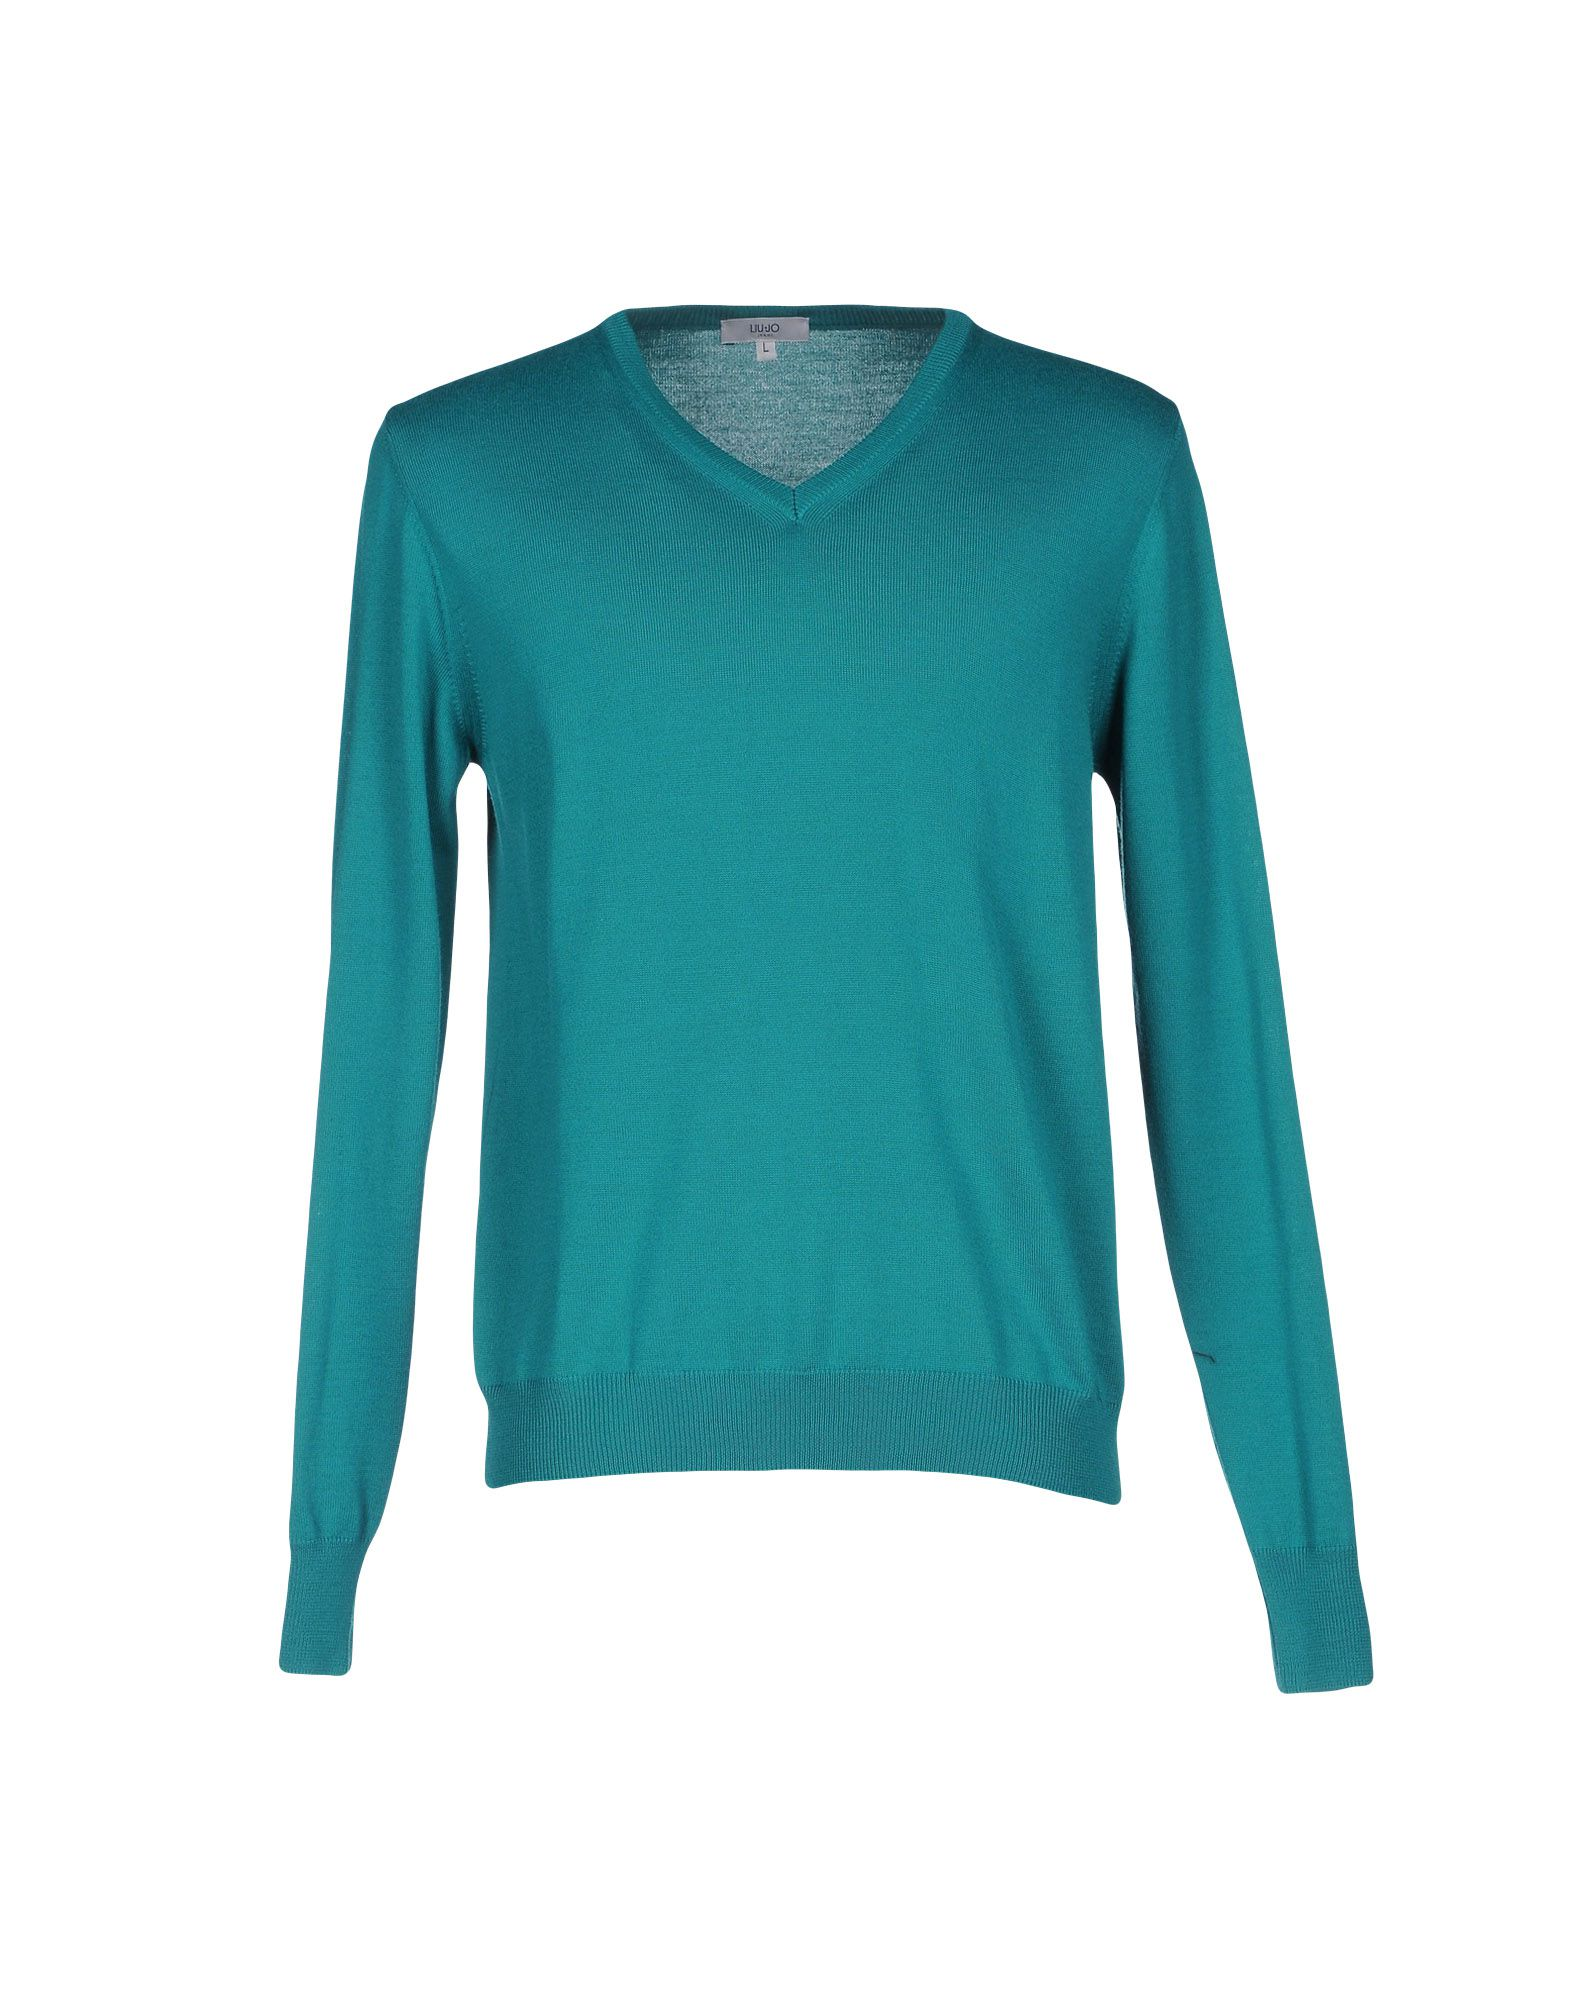 LIU JO JEANS Sweaters